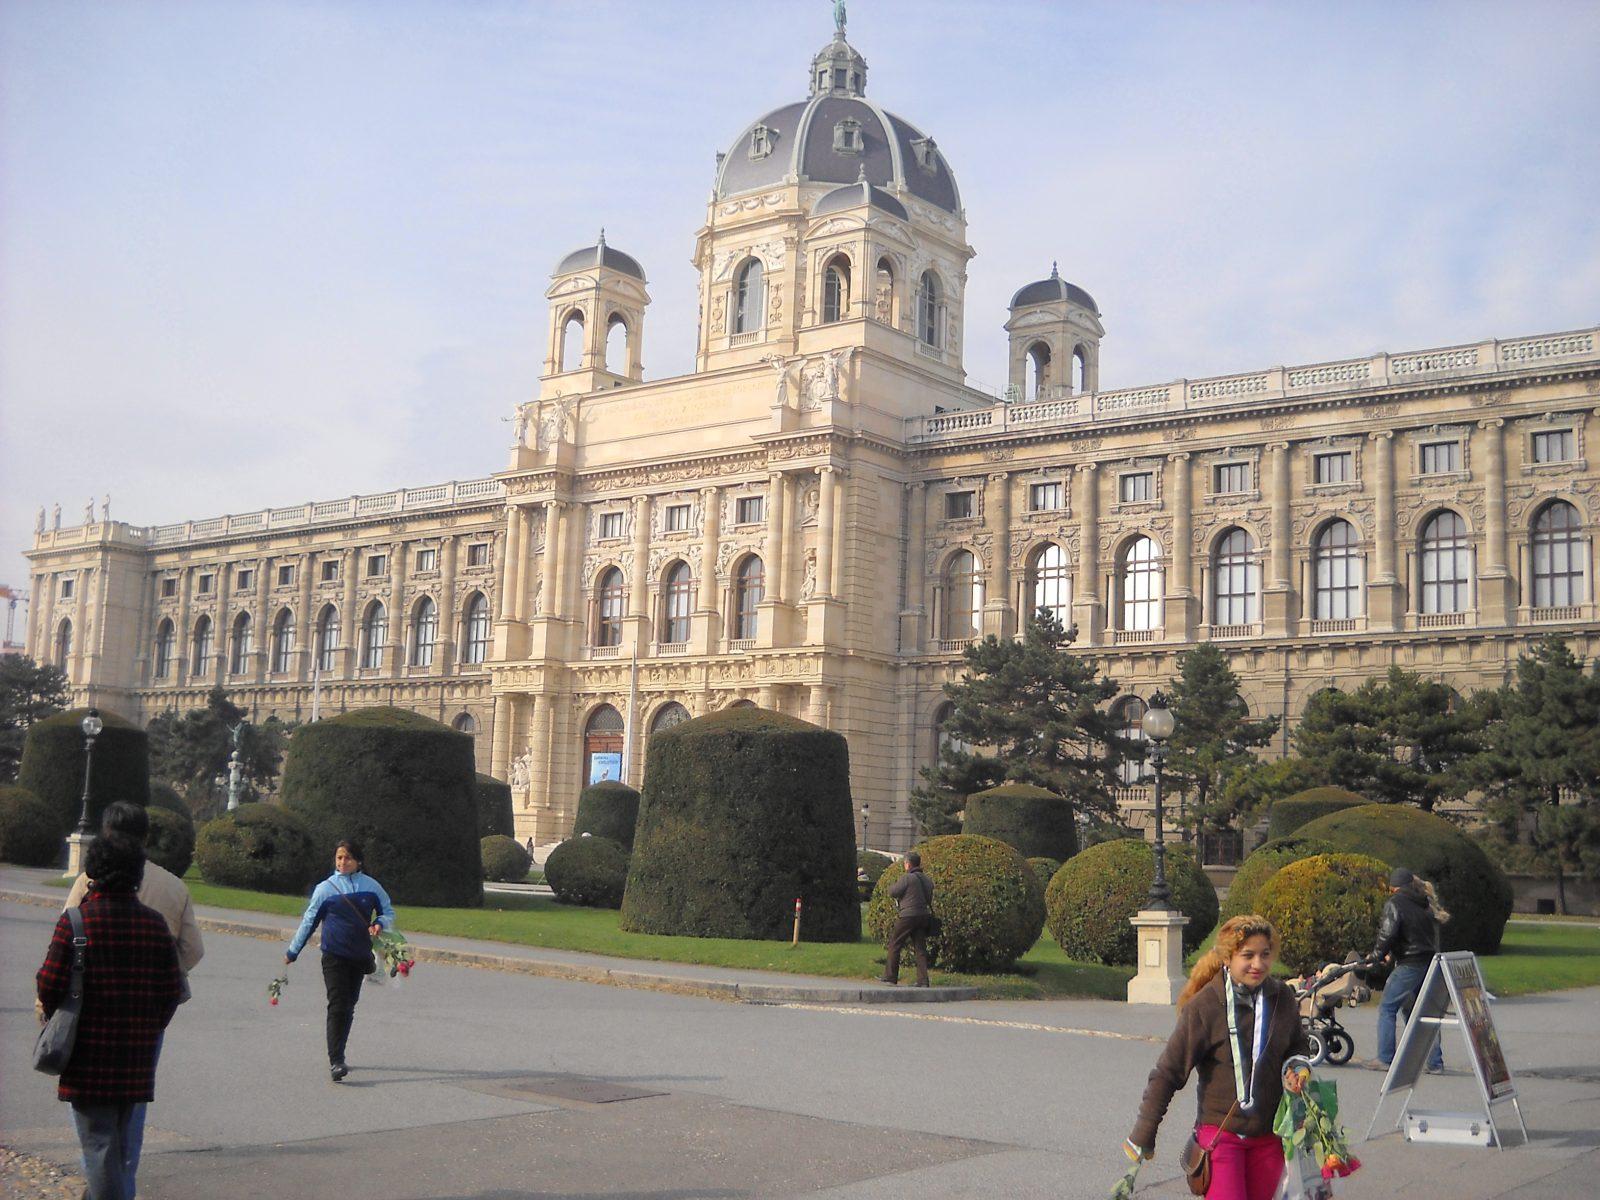 Putovanje Beč, evropski gradovi,Beč, muzej